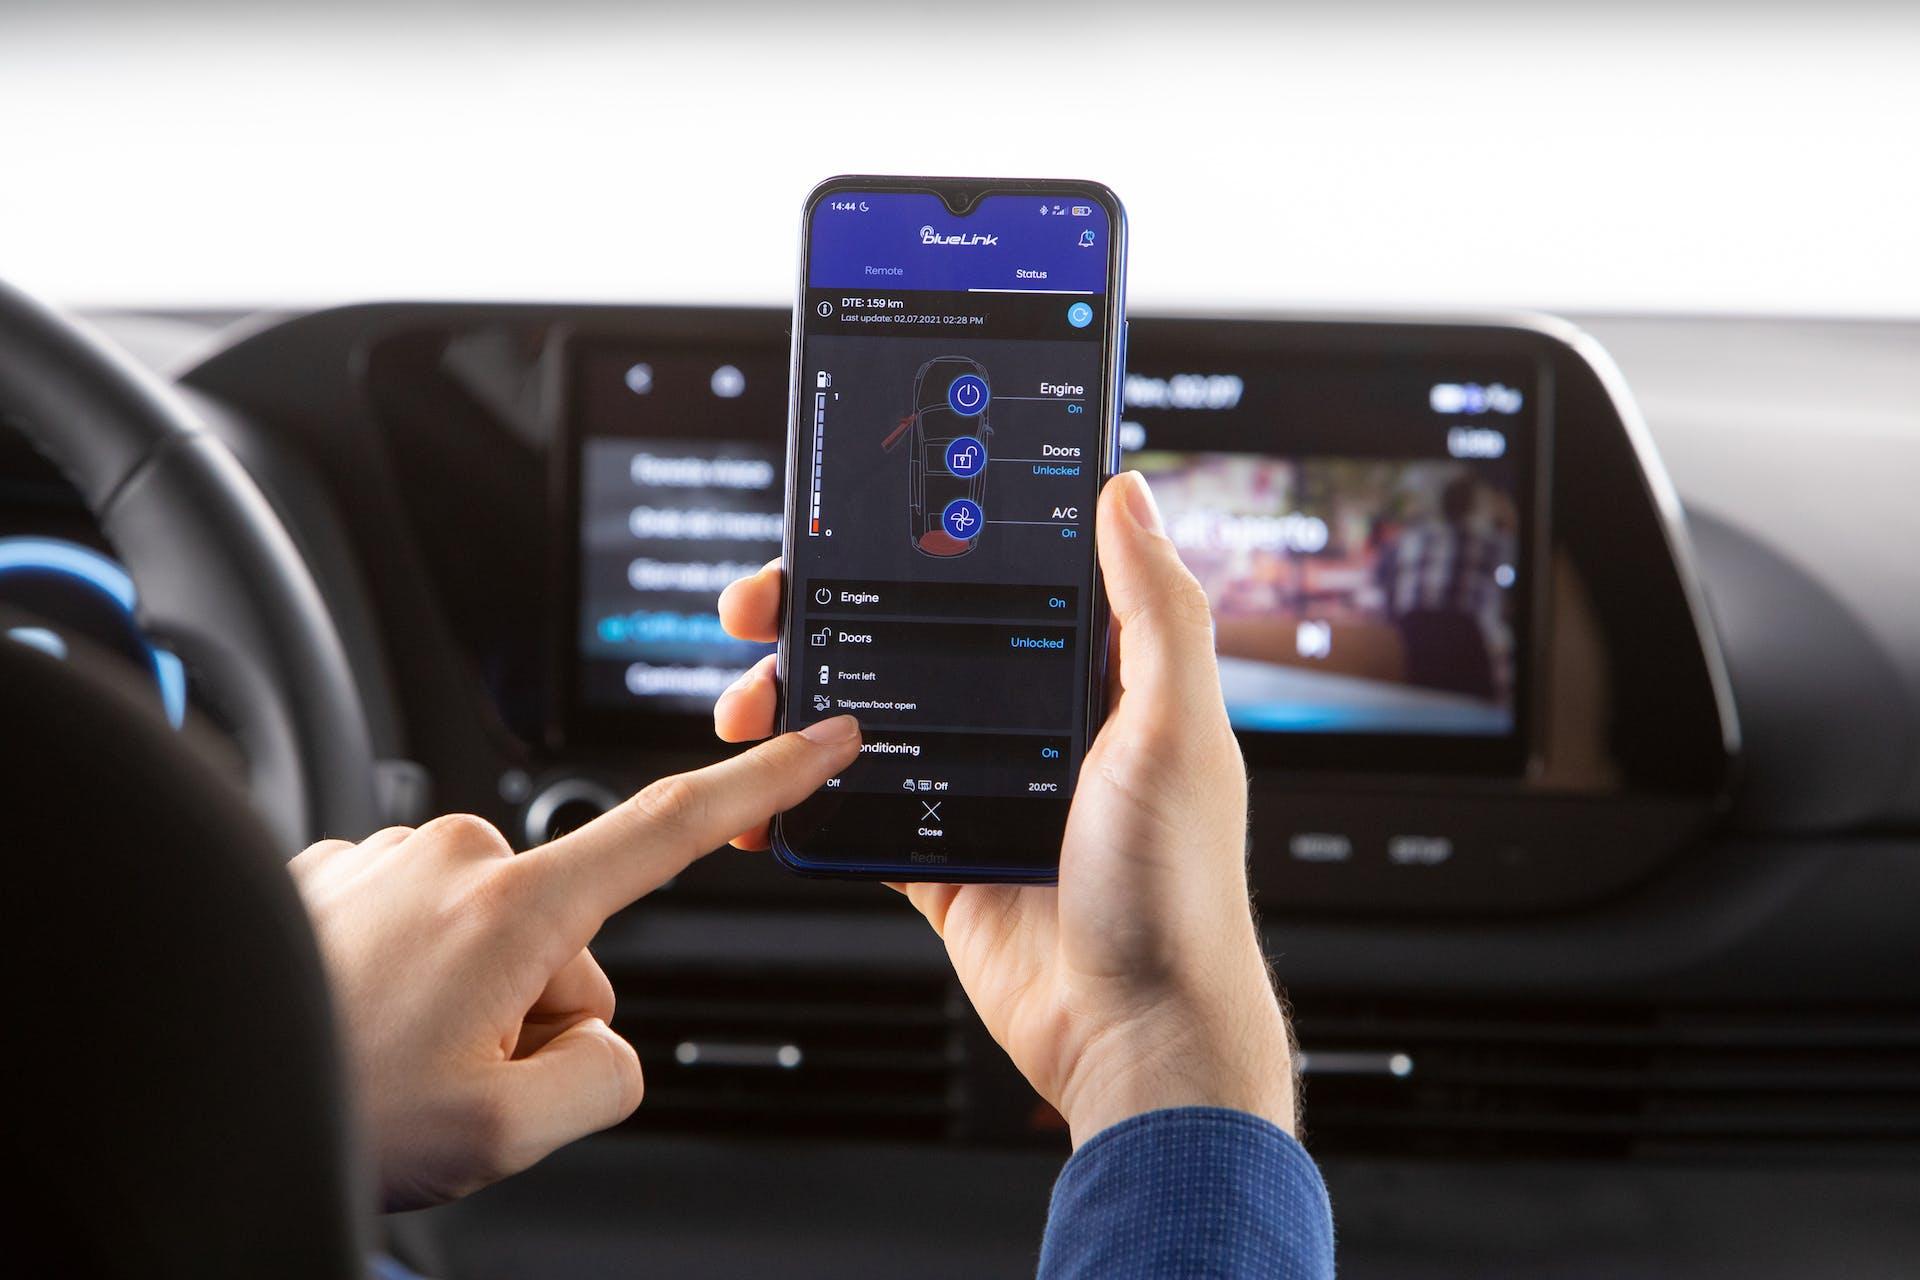 Passegero a bordo di Hyundai Bayon mentre utilizza l'app Blue Link tramite smartphone